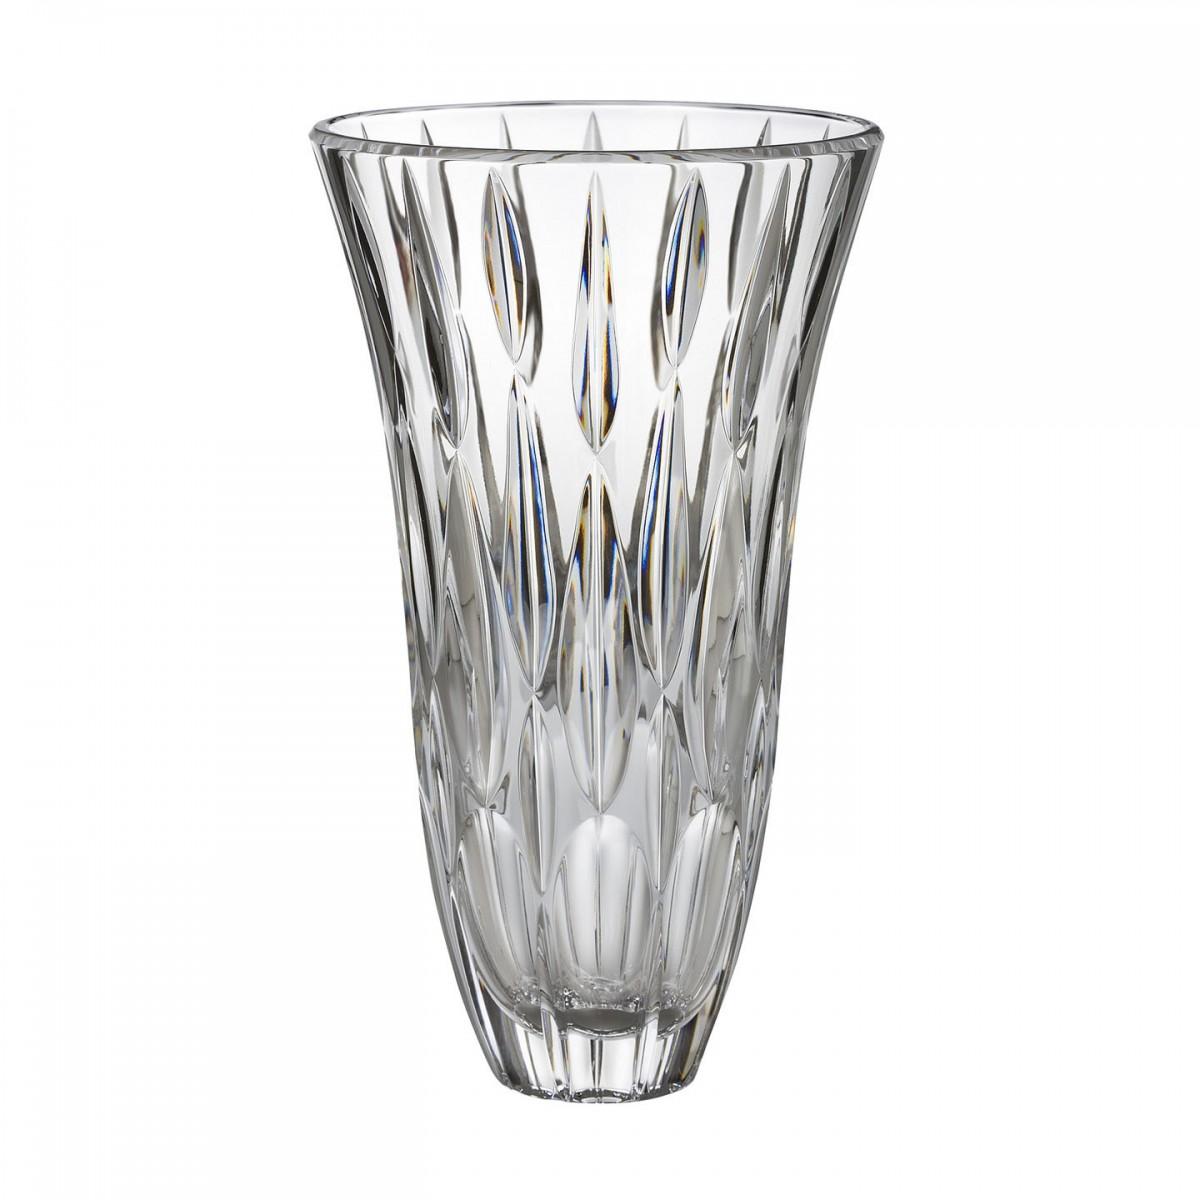 Vases lijo decor waterford rainfall 11 vase reviewsmspy